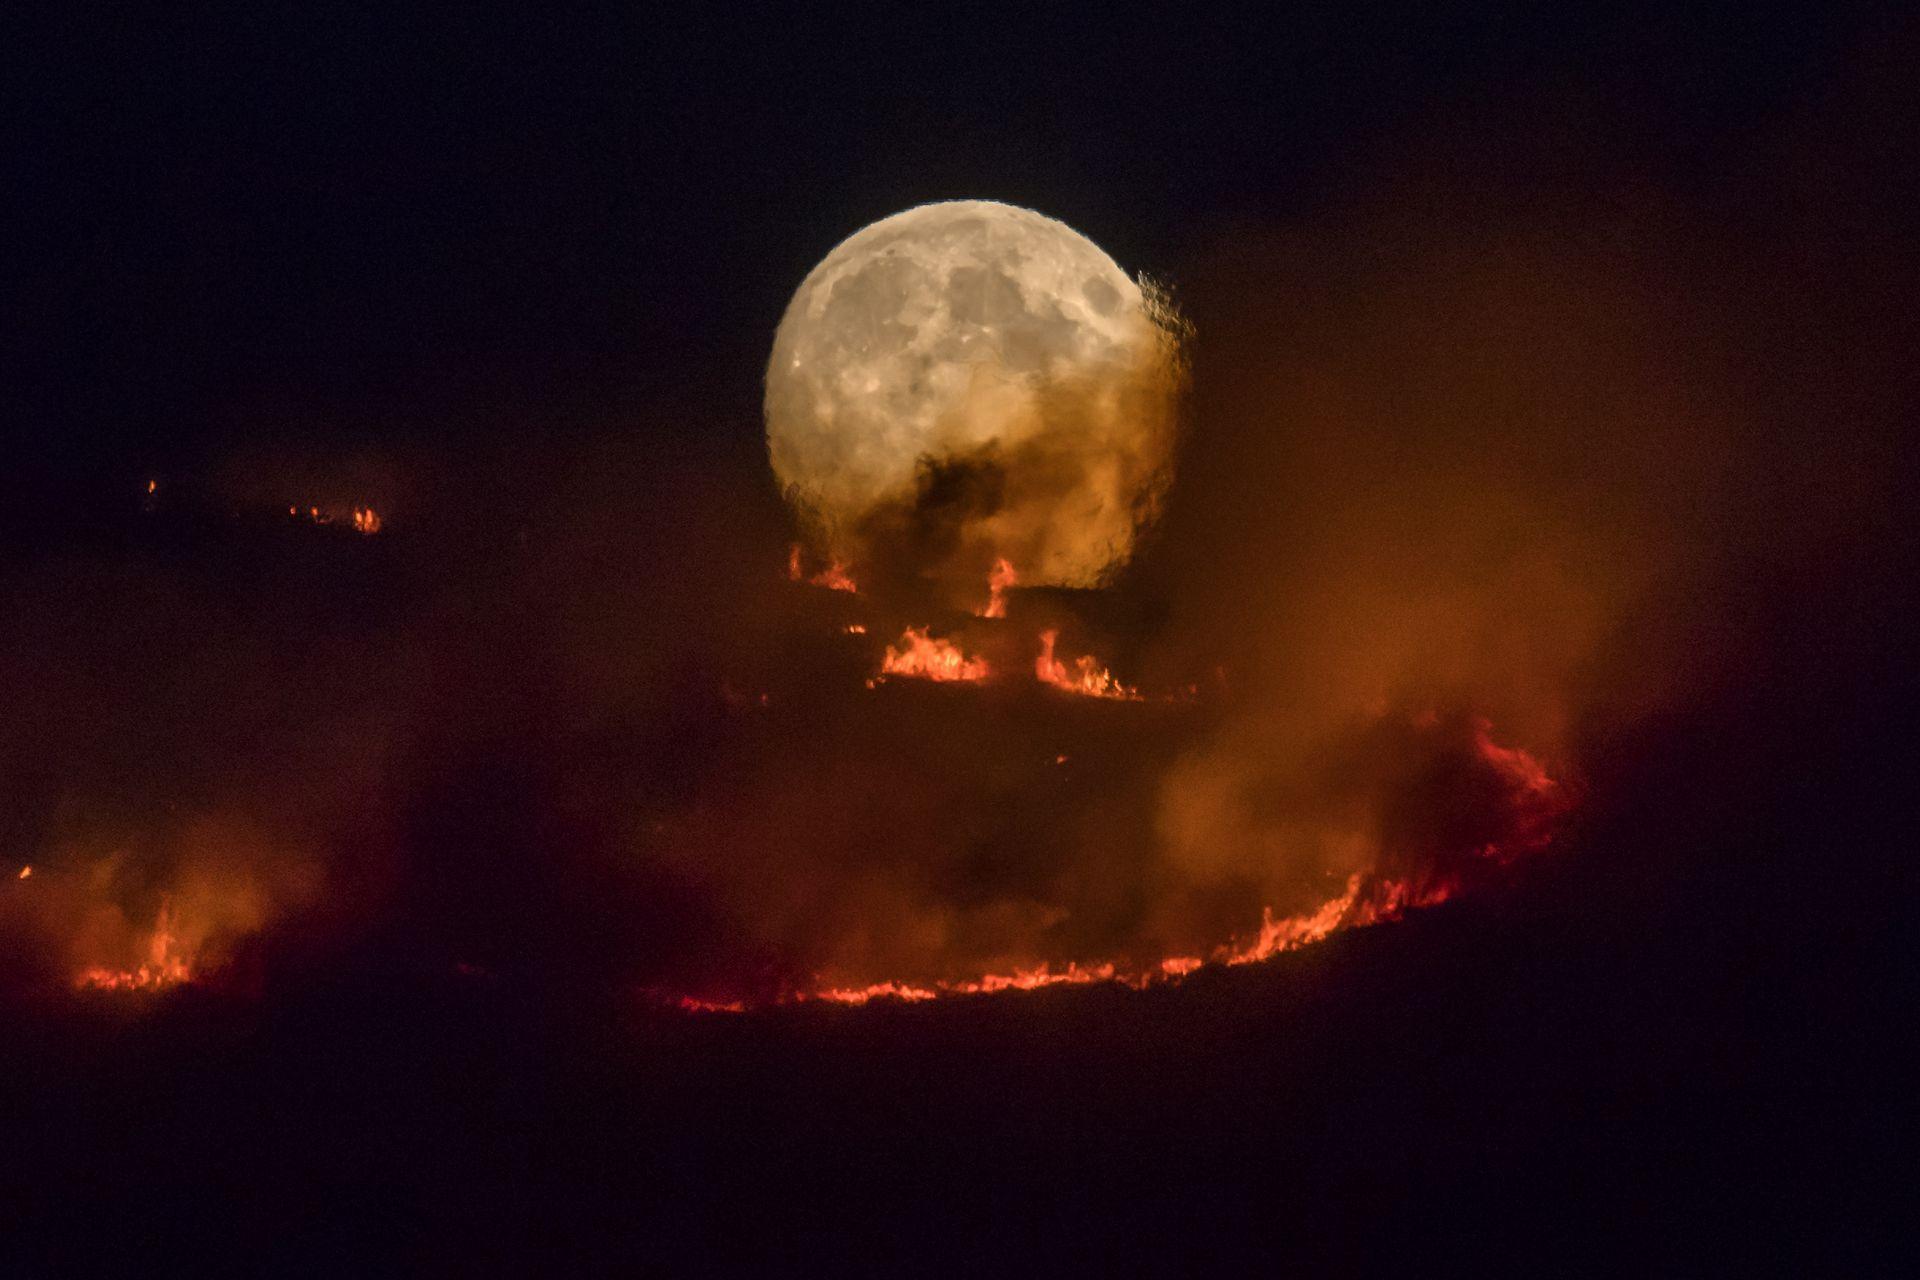 Една уникална гледка, спираща дъха на 26 юни, когато Луната се издига над горящи блата във Великобритания